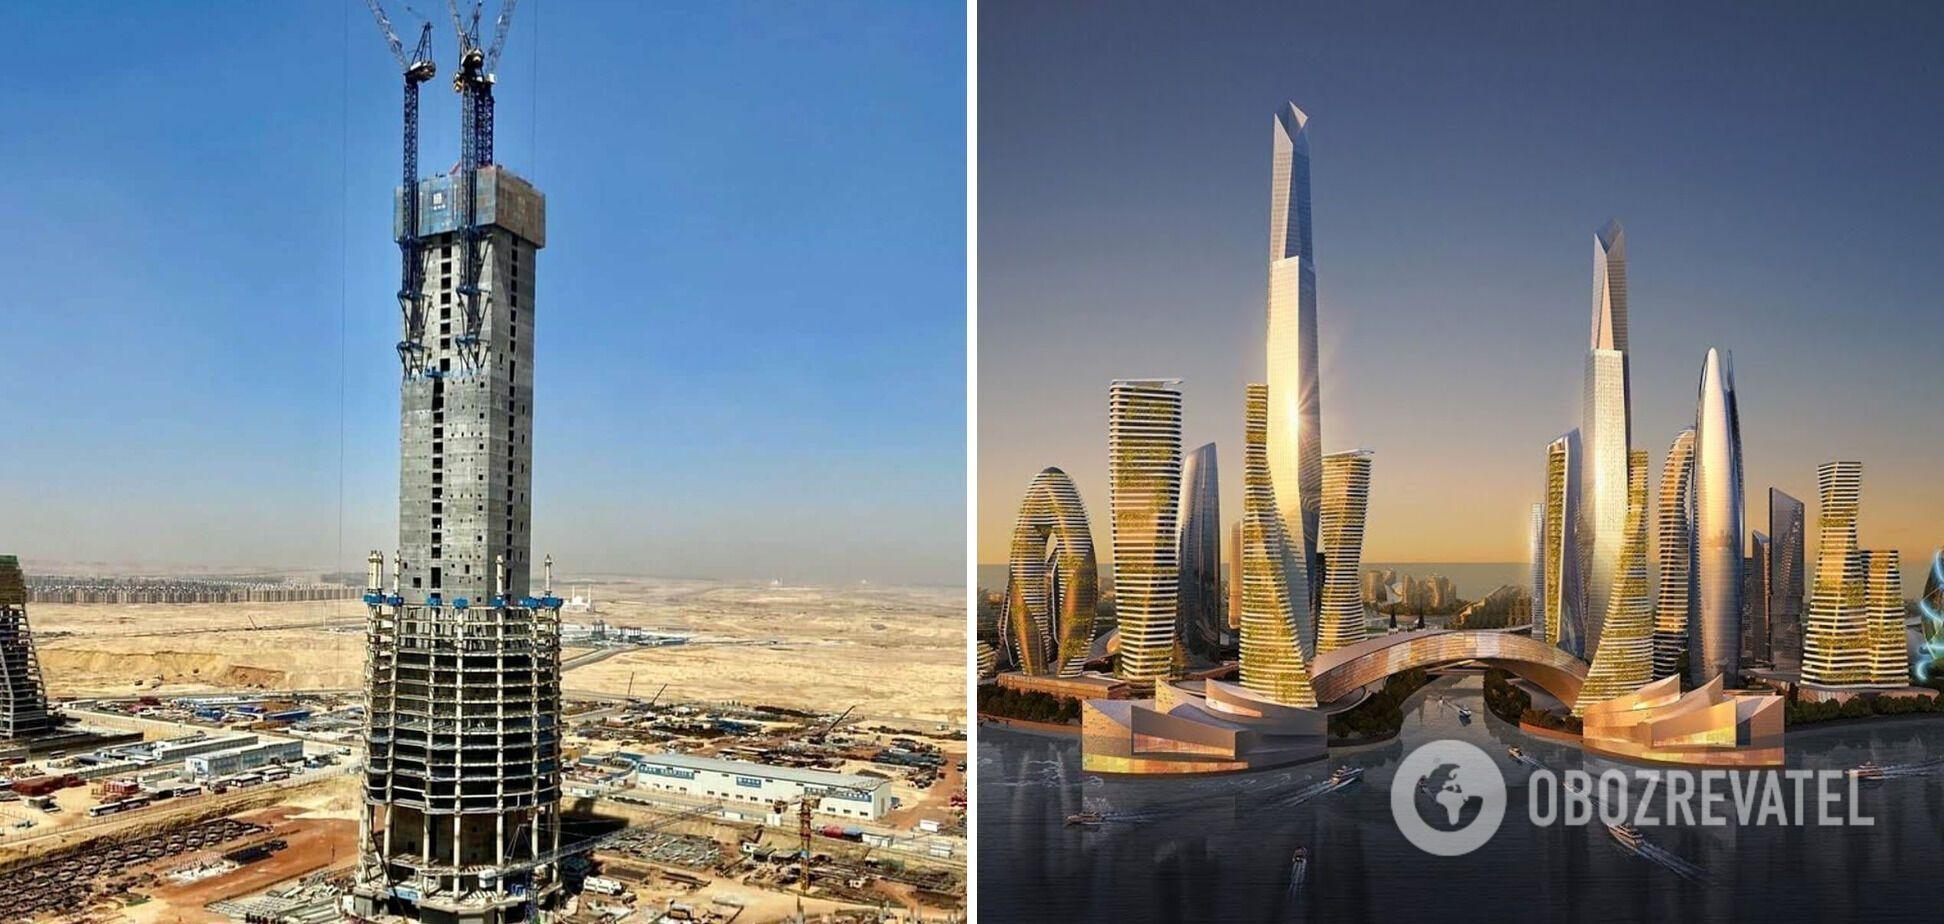 Iconic Tower вблизи Каира станет самым высоким зданием в Африке.